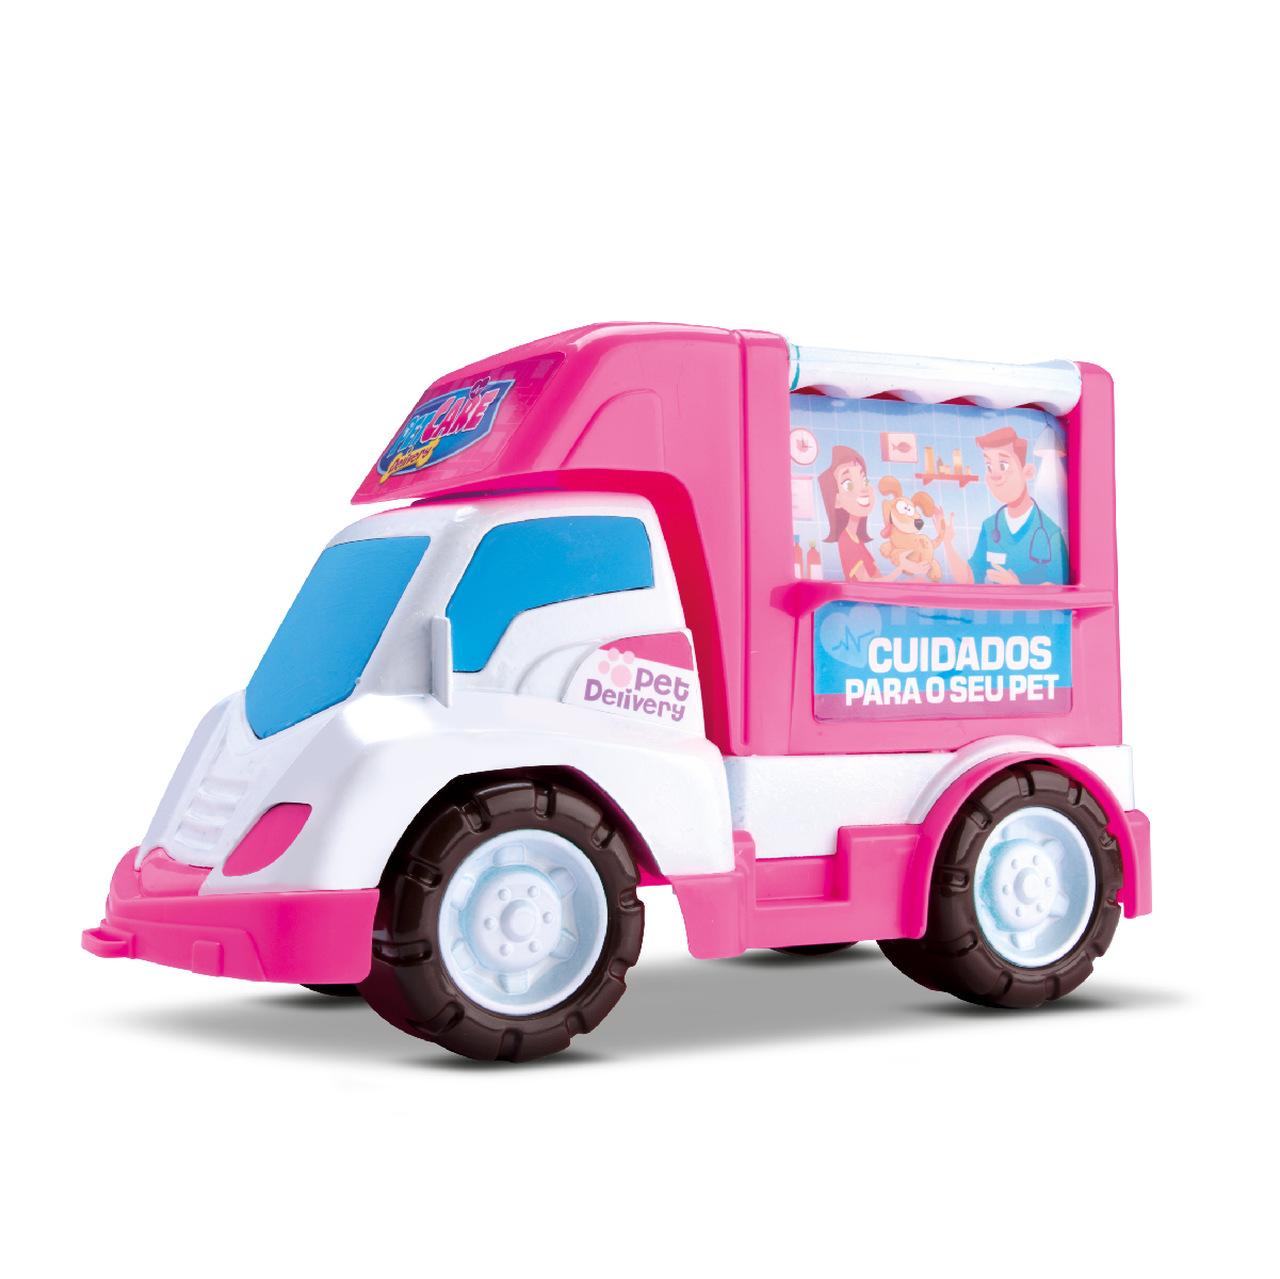 Carrinho Veterinário Pet Care Delivery Samba Toys